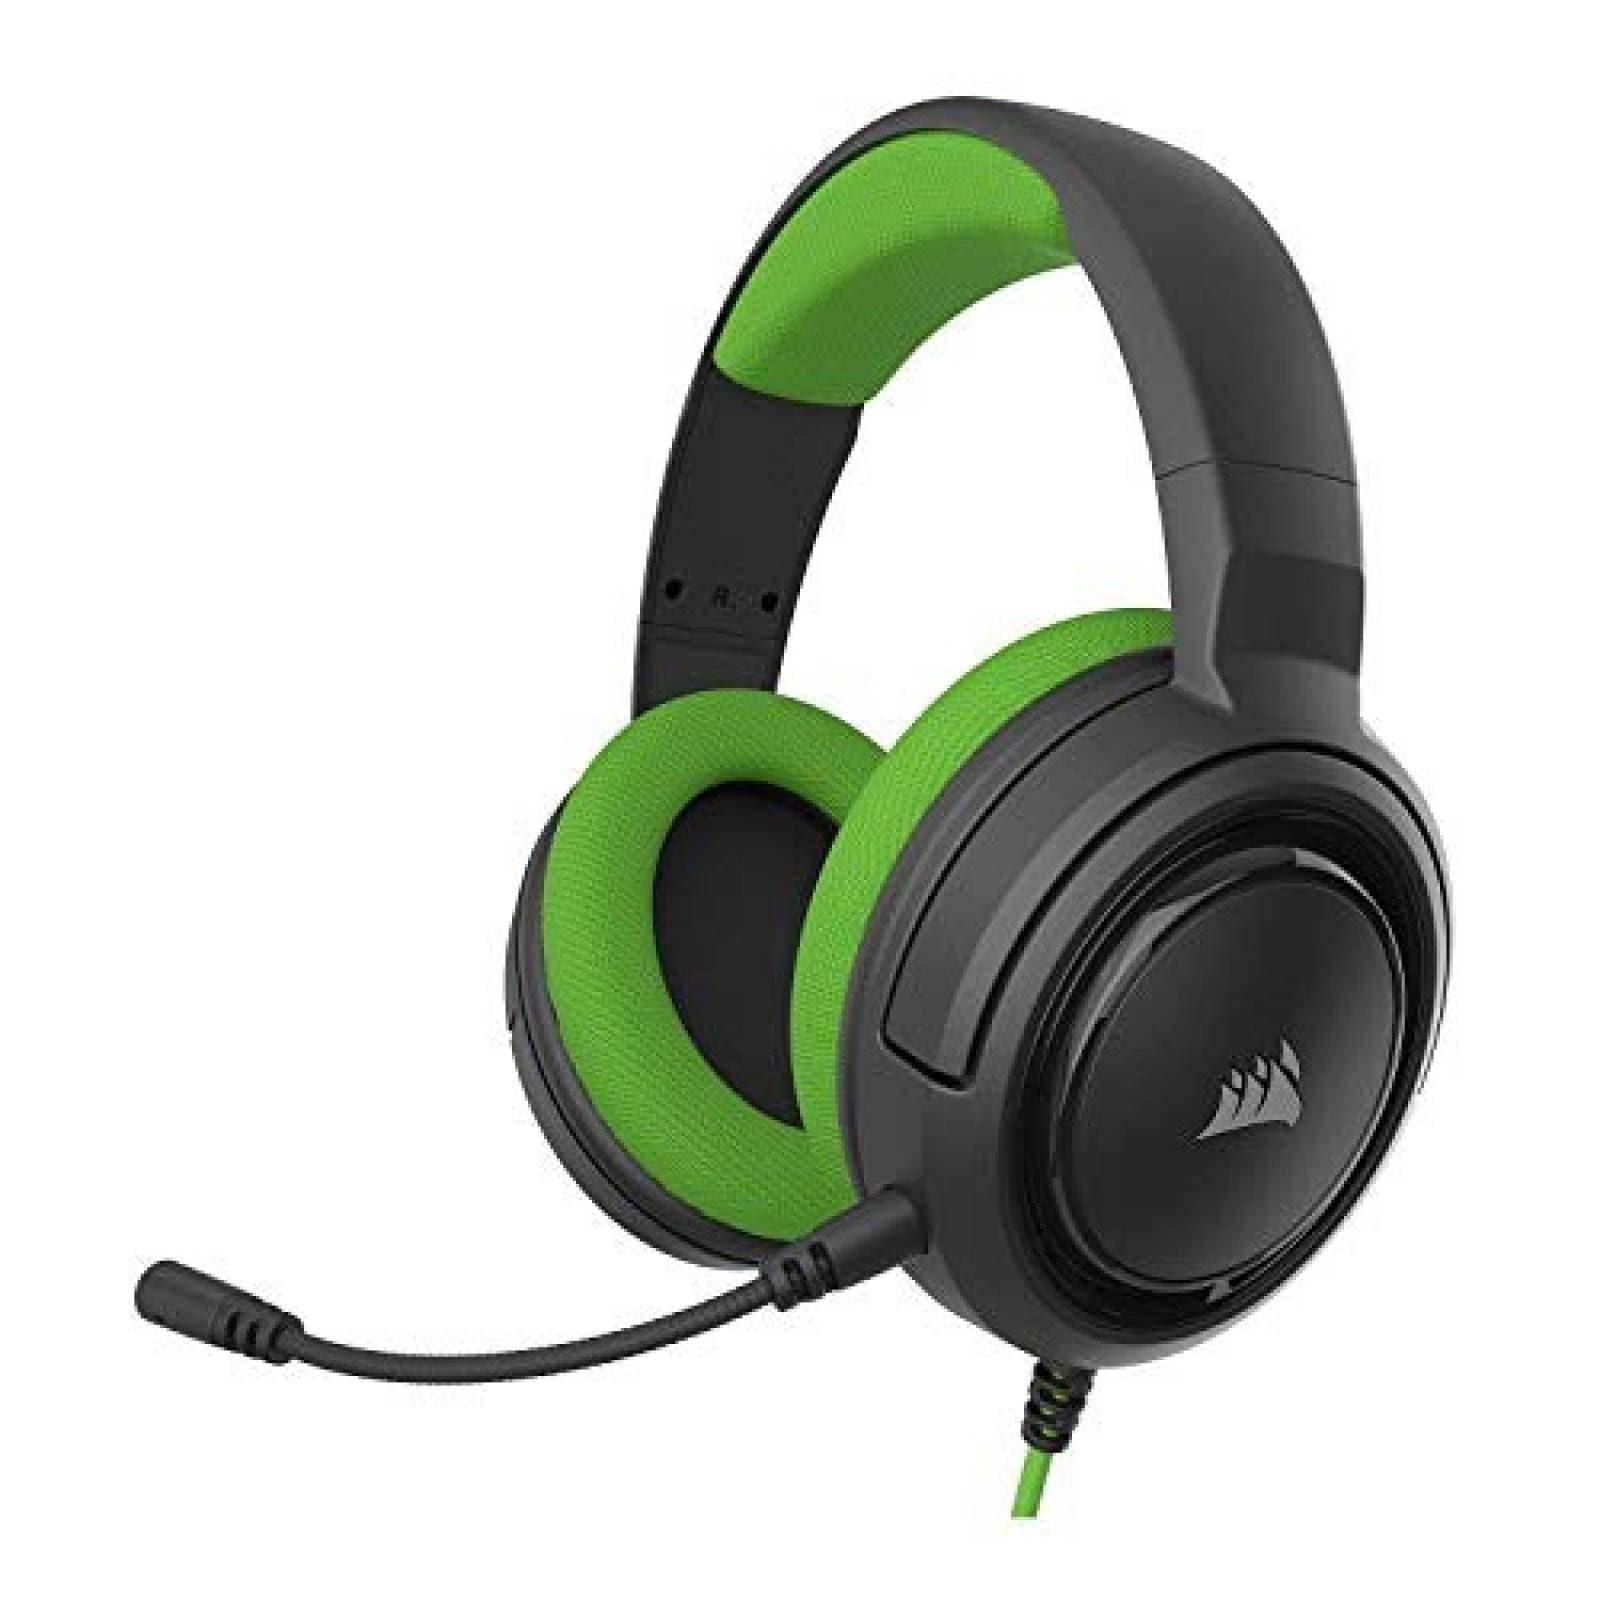 Auriculares gamer Corsair HS35 Stereo con micrófono -Verde